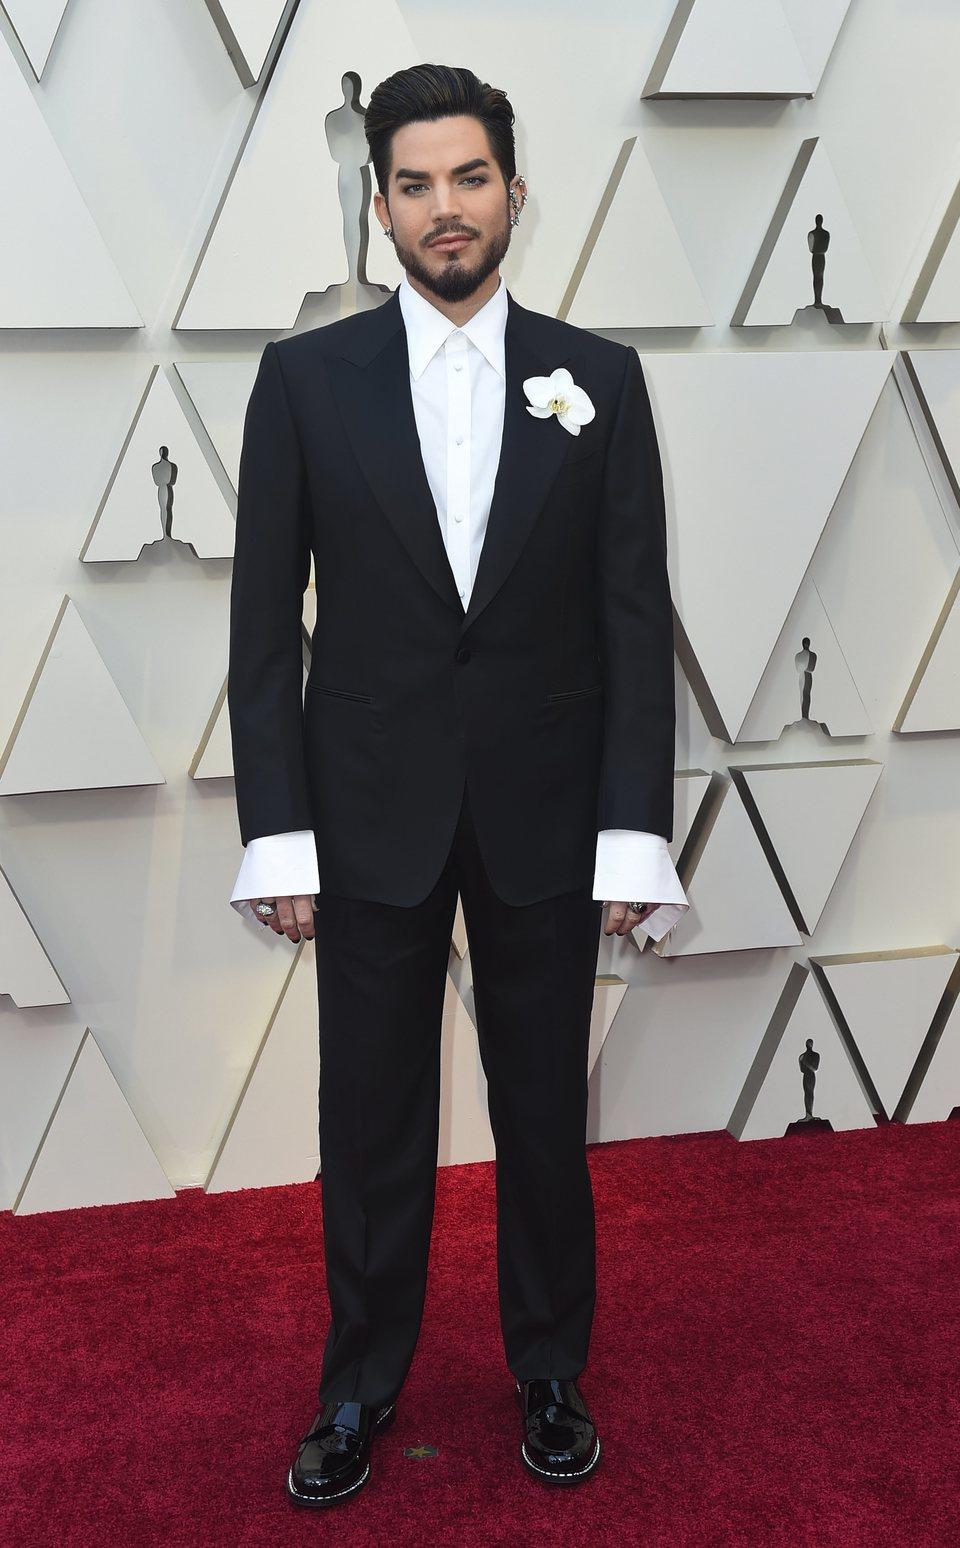 Adam Lambert en la alfombra roja de los Oscar 2019